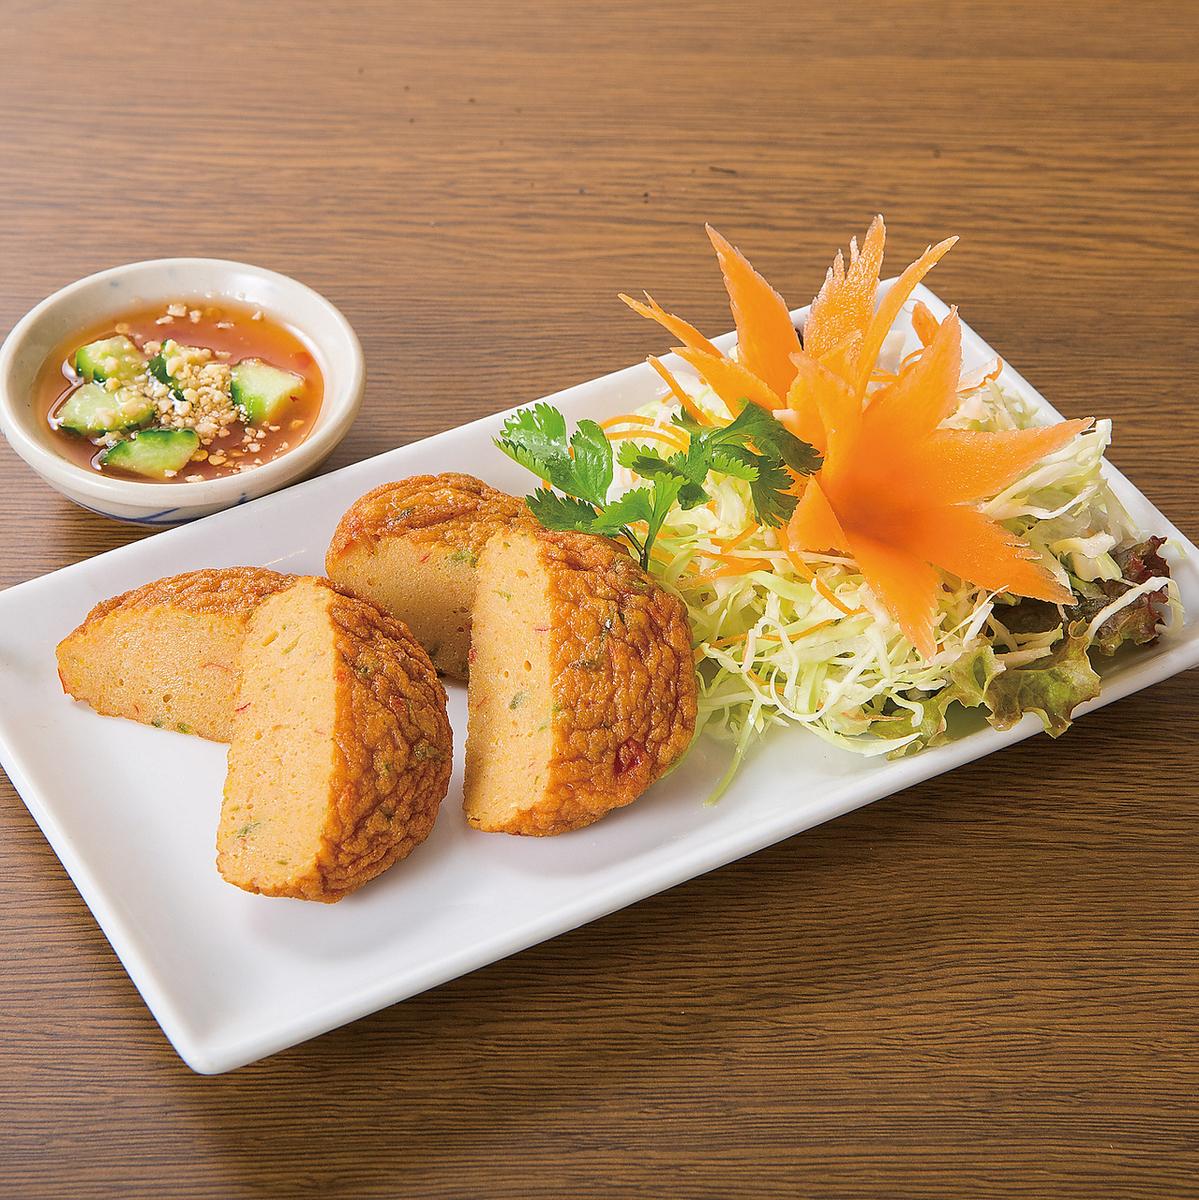 泰式鱼的辣炸鱼/萨摩萨